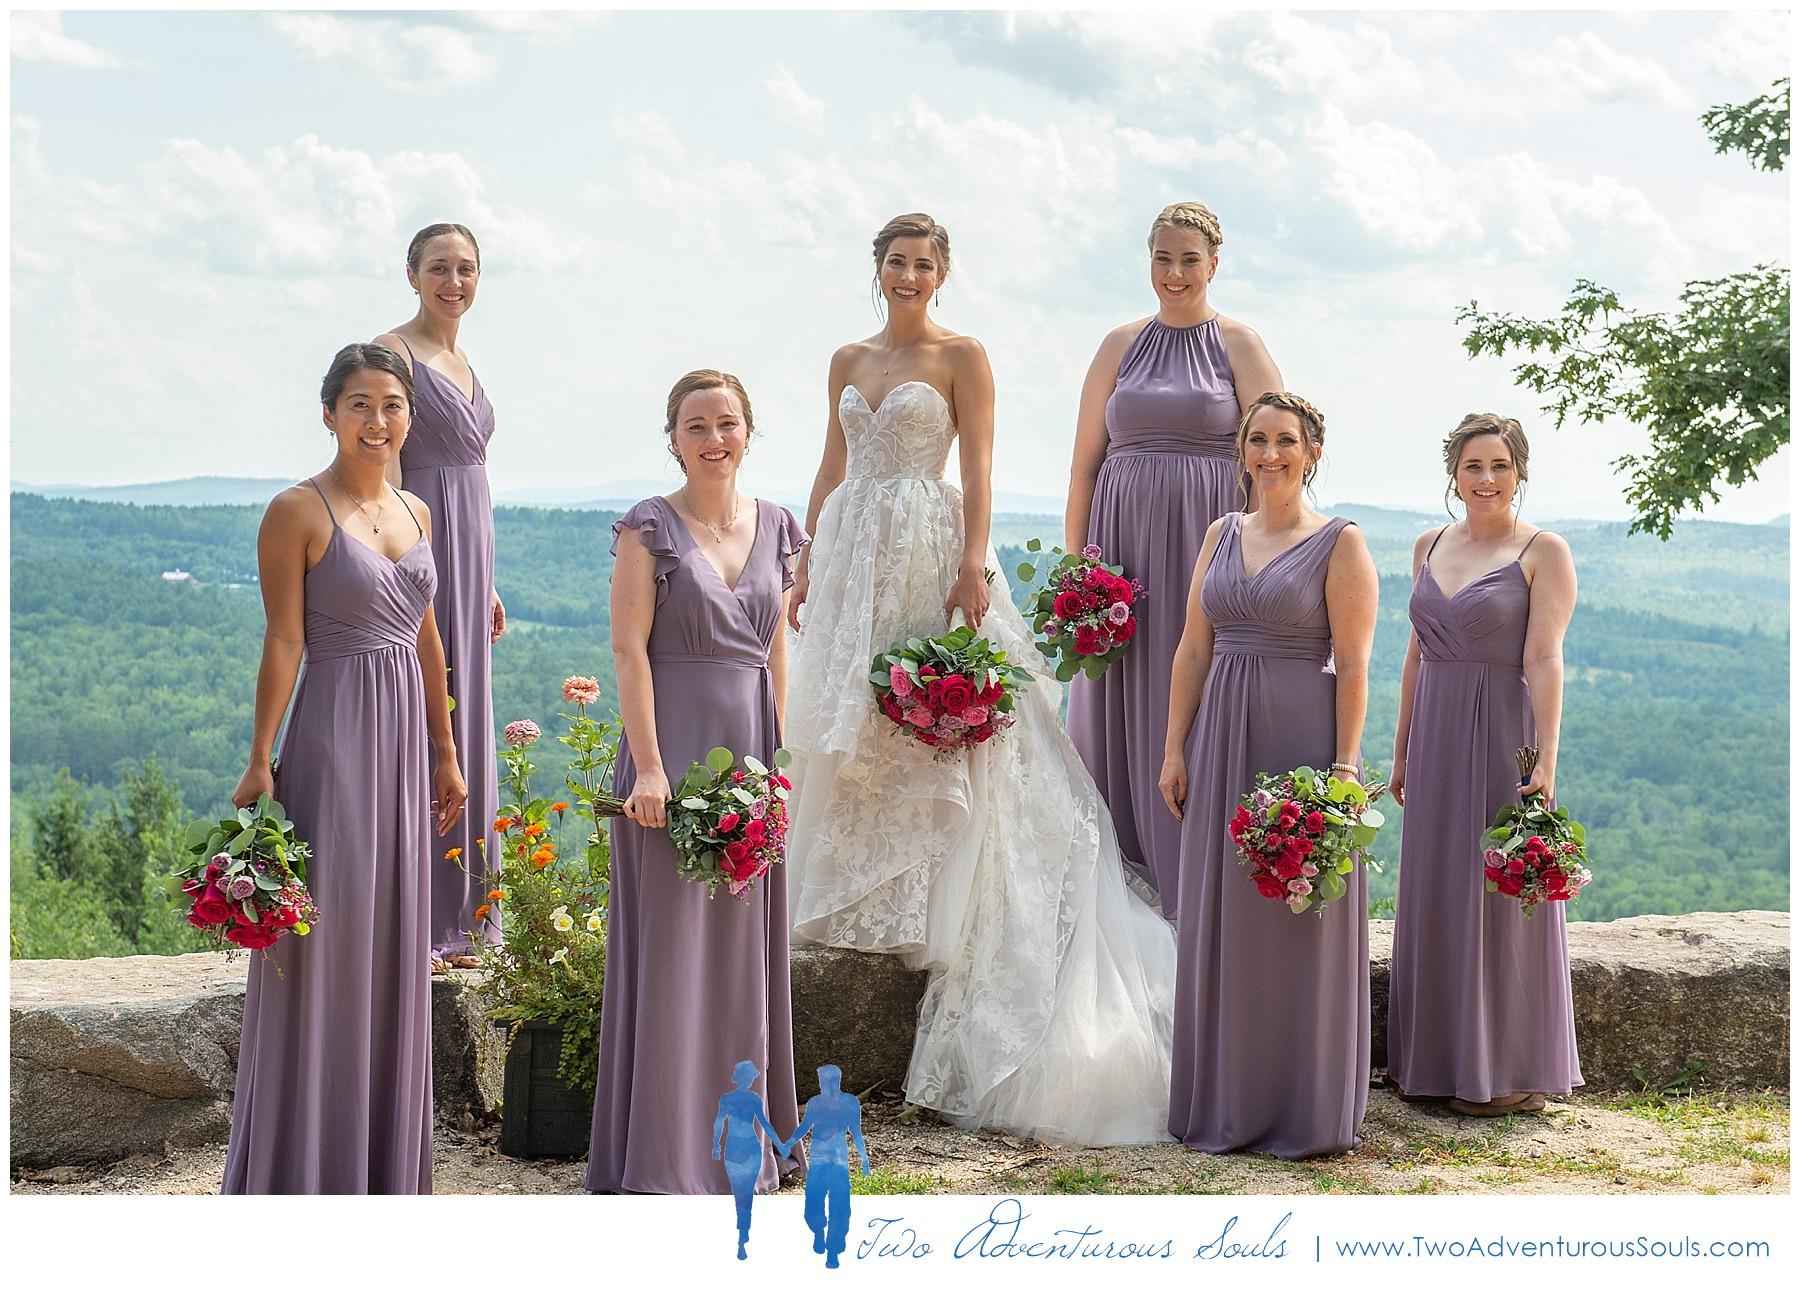 Maine Wedding Photographers, Granite Ridge Estate Wedding Photographers, Two Adventurous Souls - 080319_0020.jpg